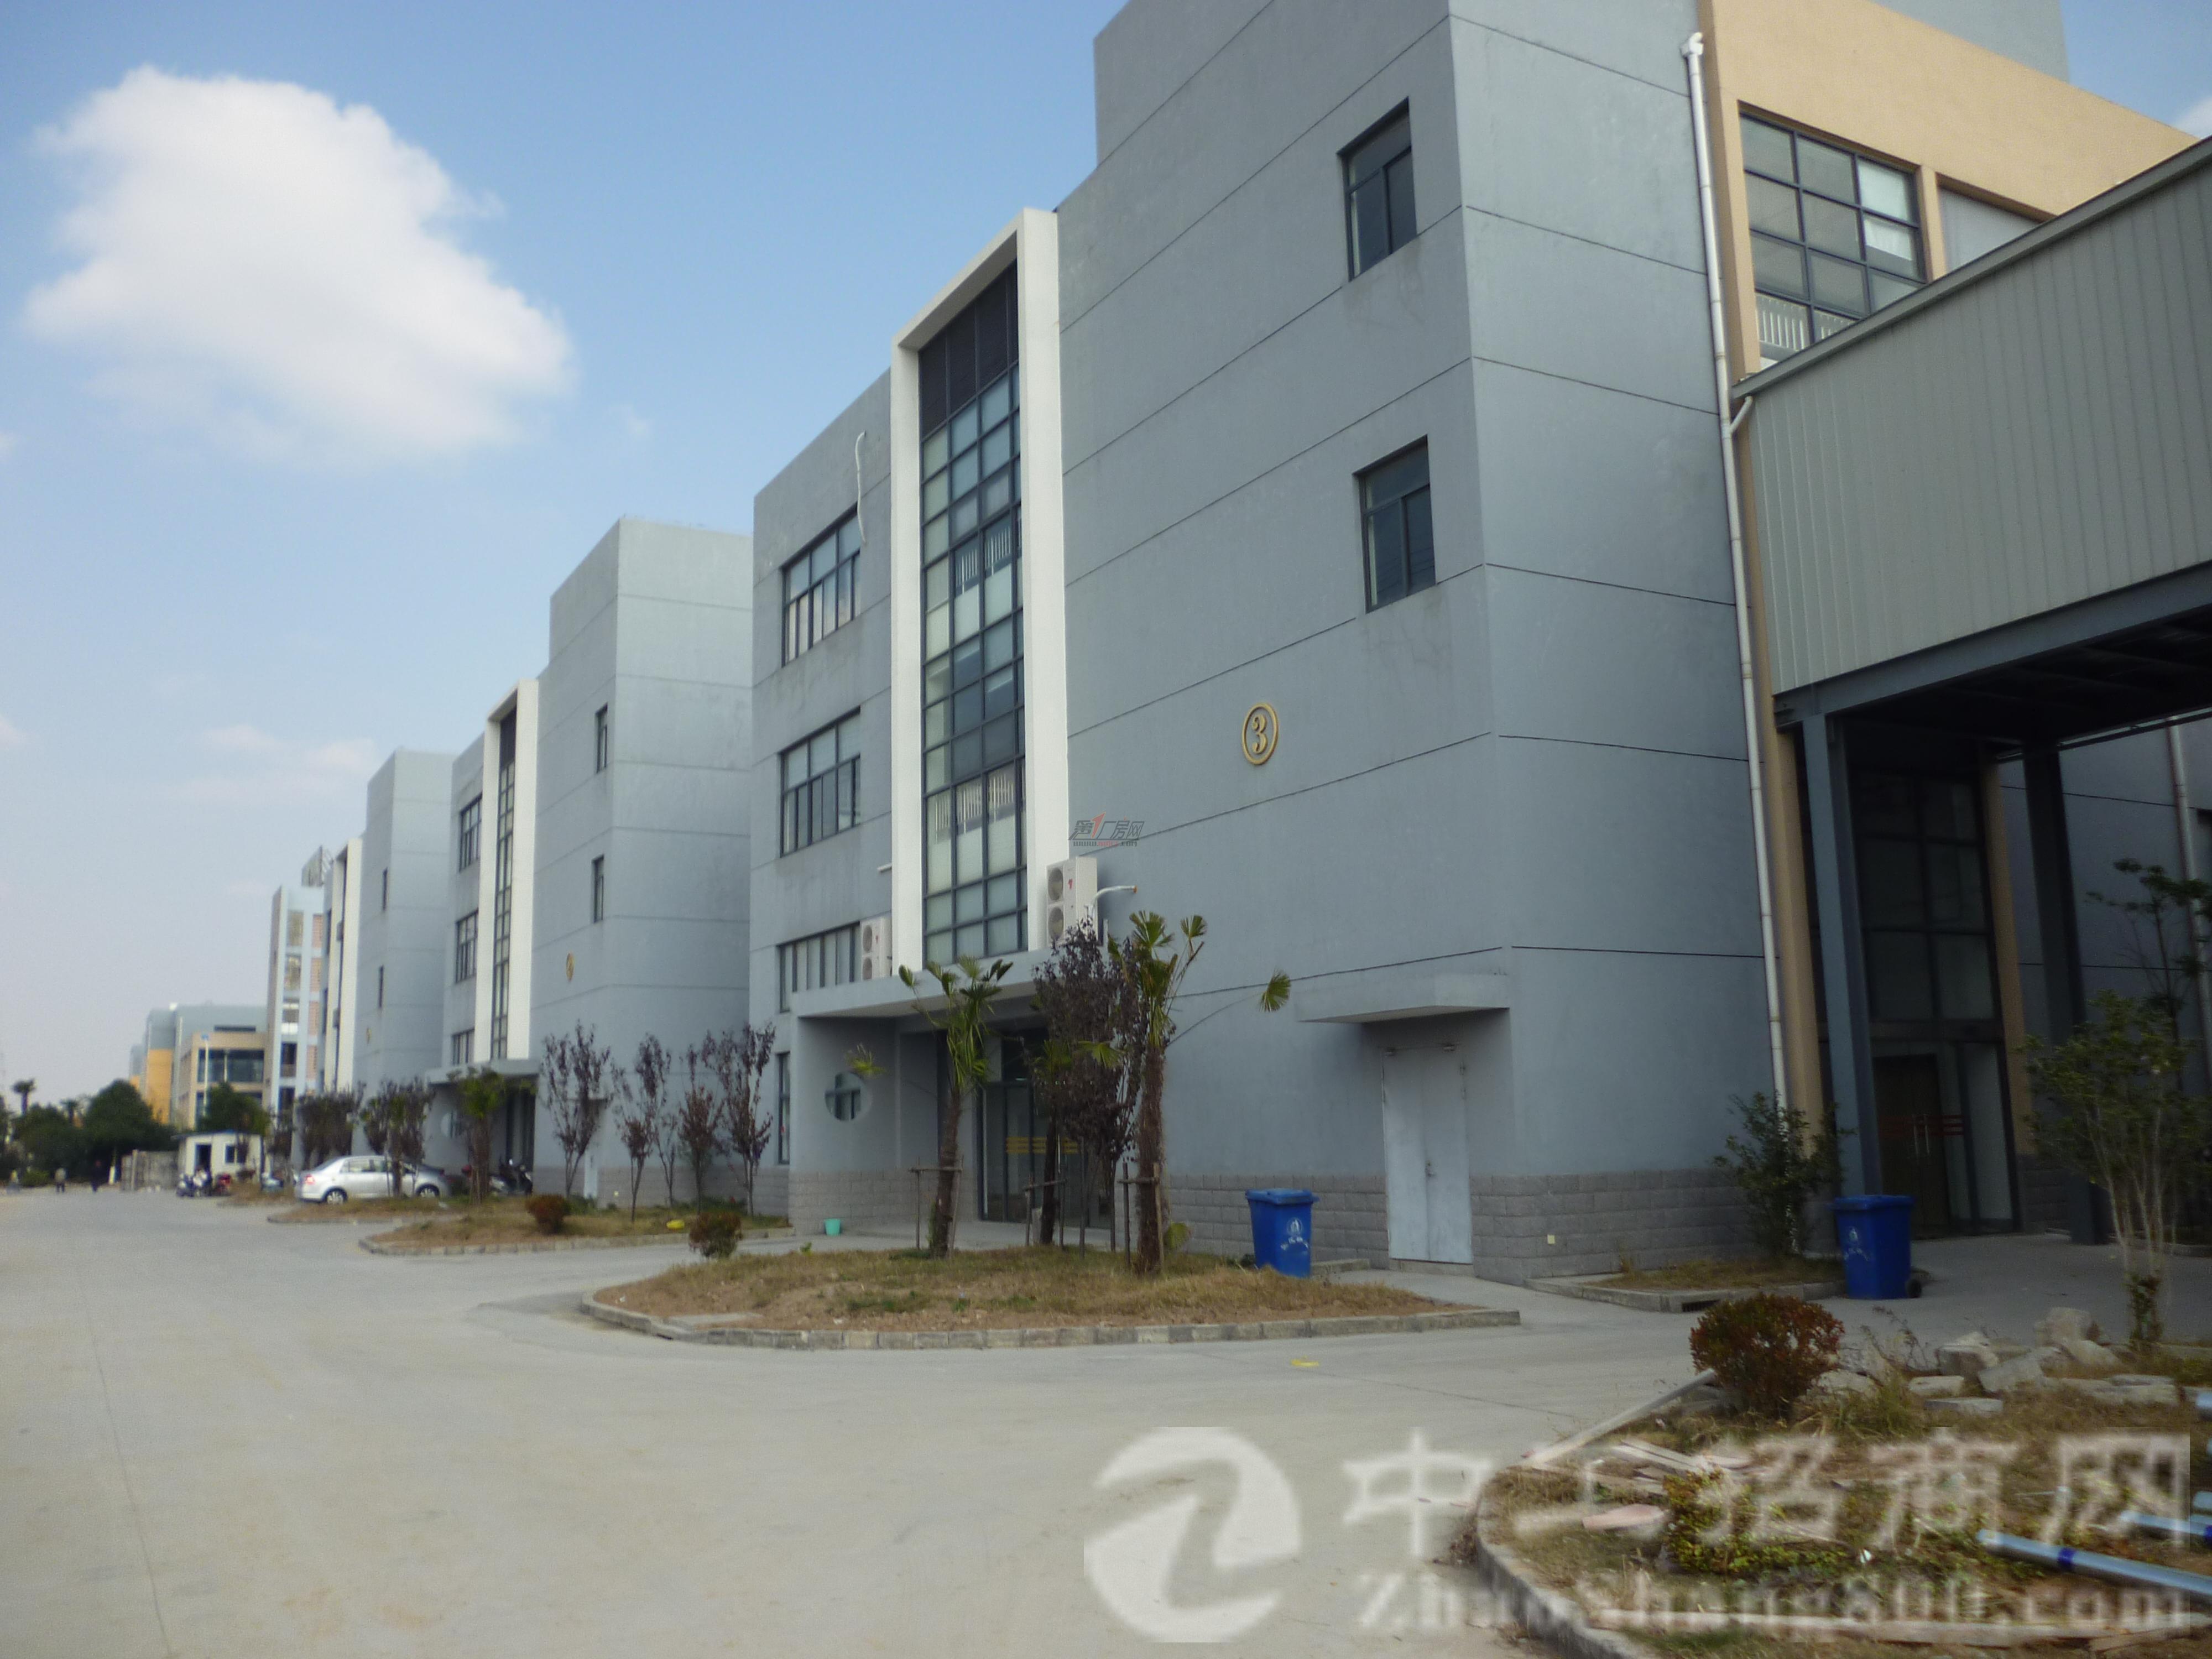 惠阳新圩靠近坪地厂房低价11元出租